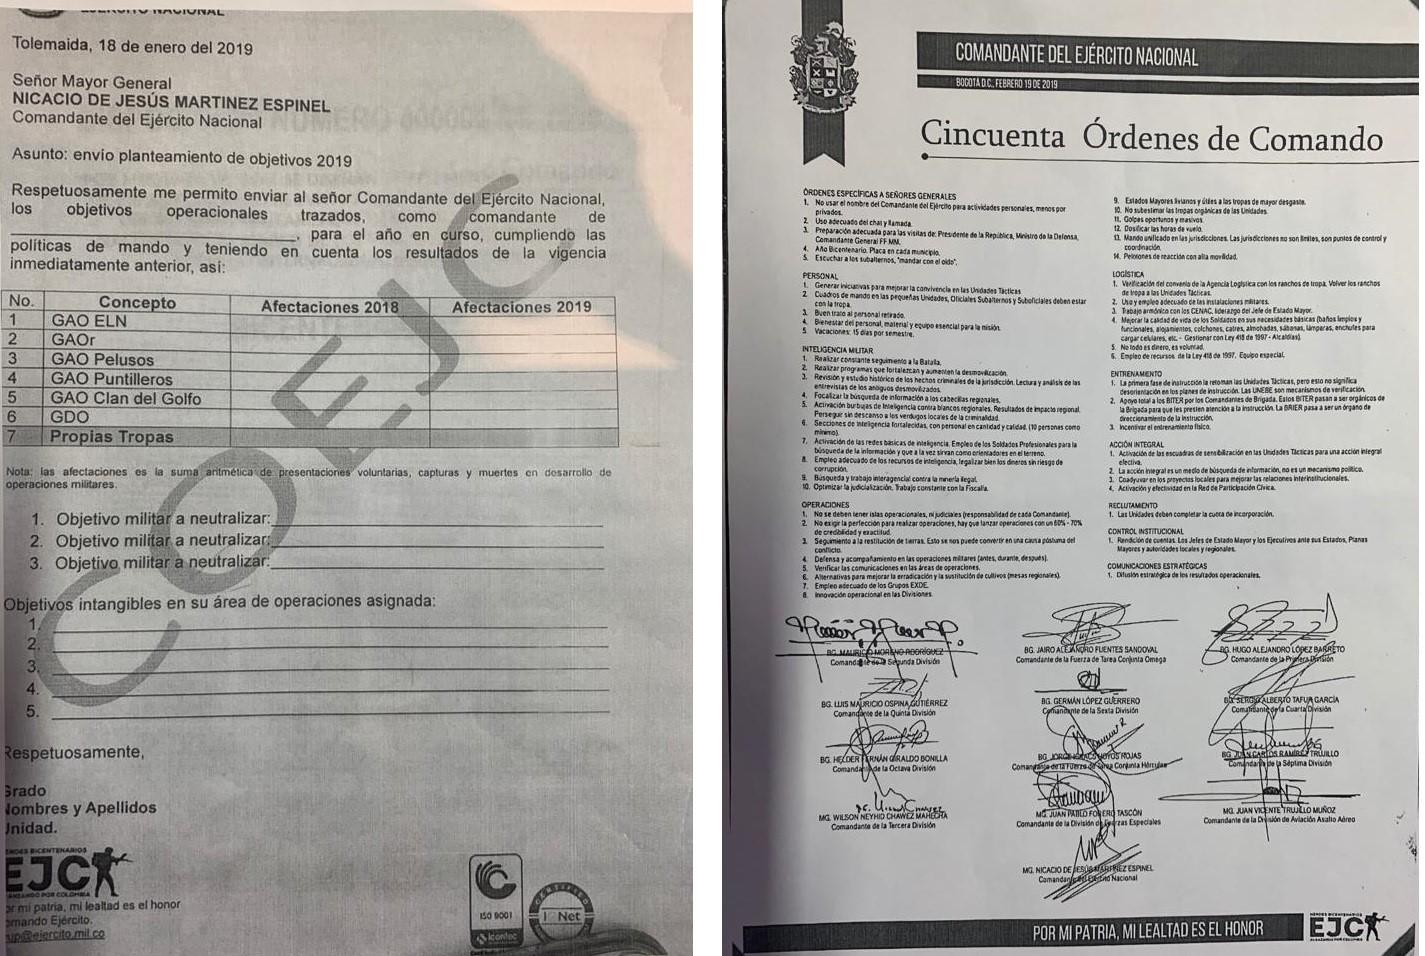 Documentos que serán modificados por el Ejército